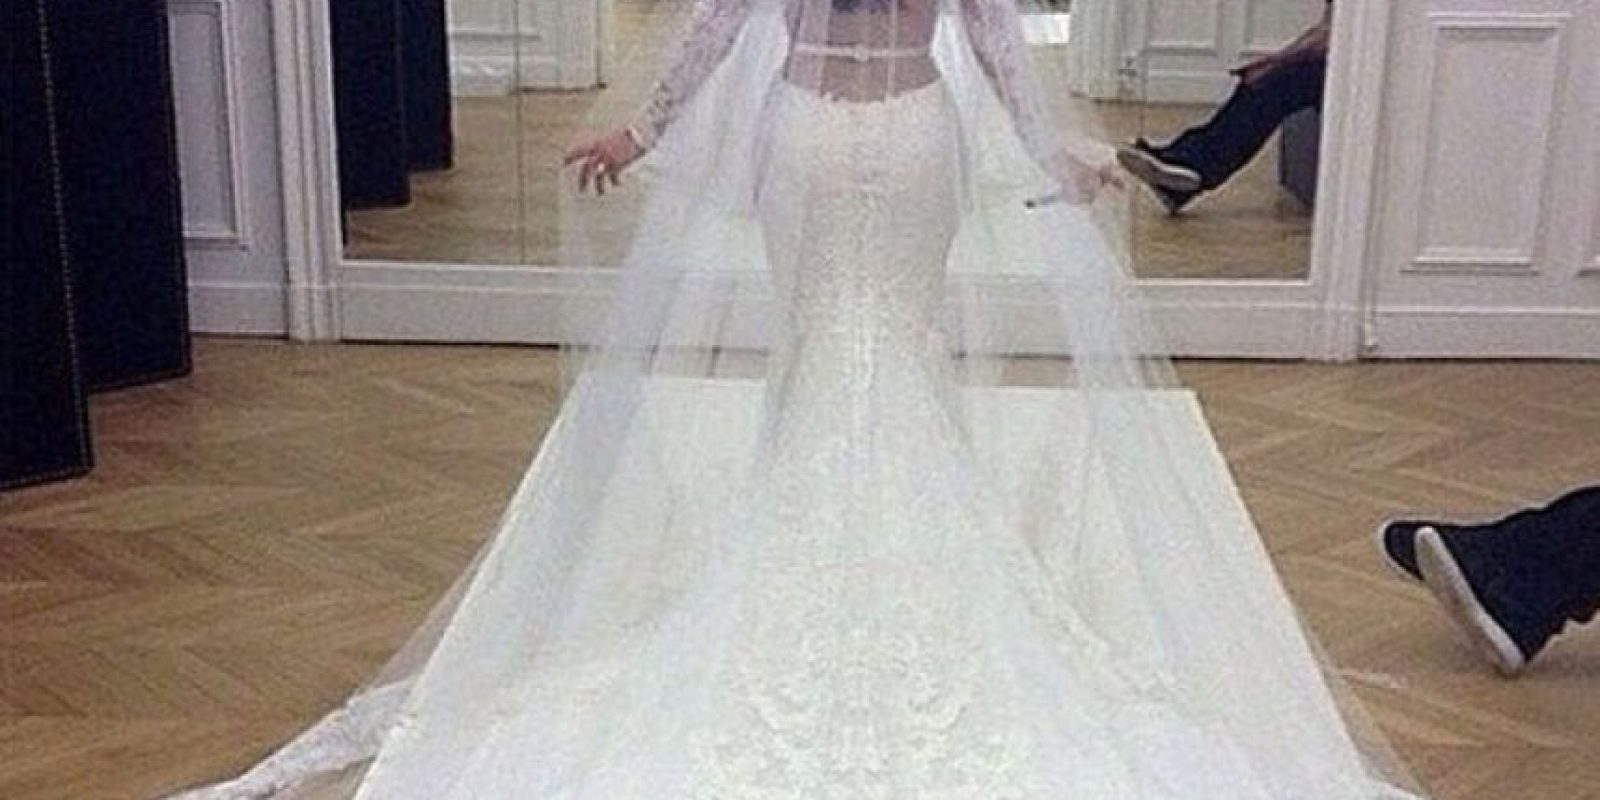 El vestido de la novia fue un diseño de Riccardo Tisci para la filma Givenchy. Foto:vía instagram.com/kimkardashian